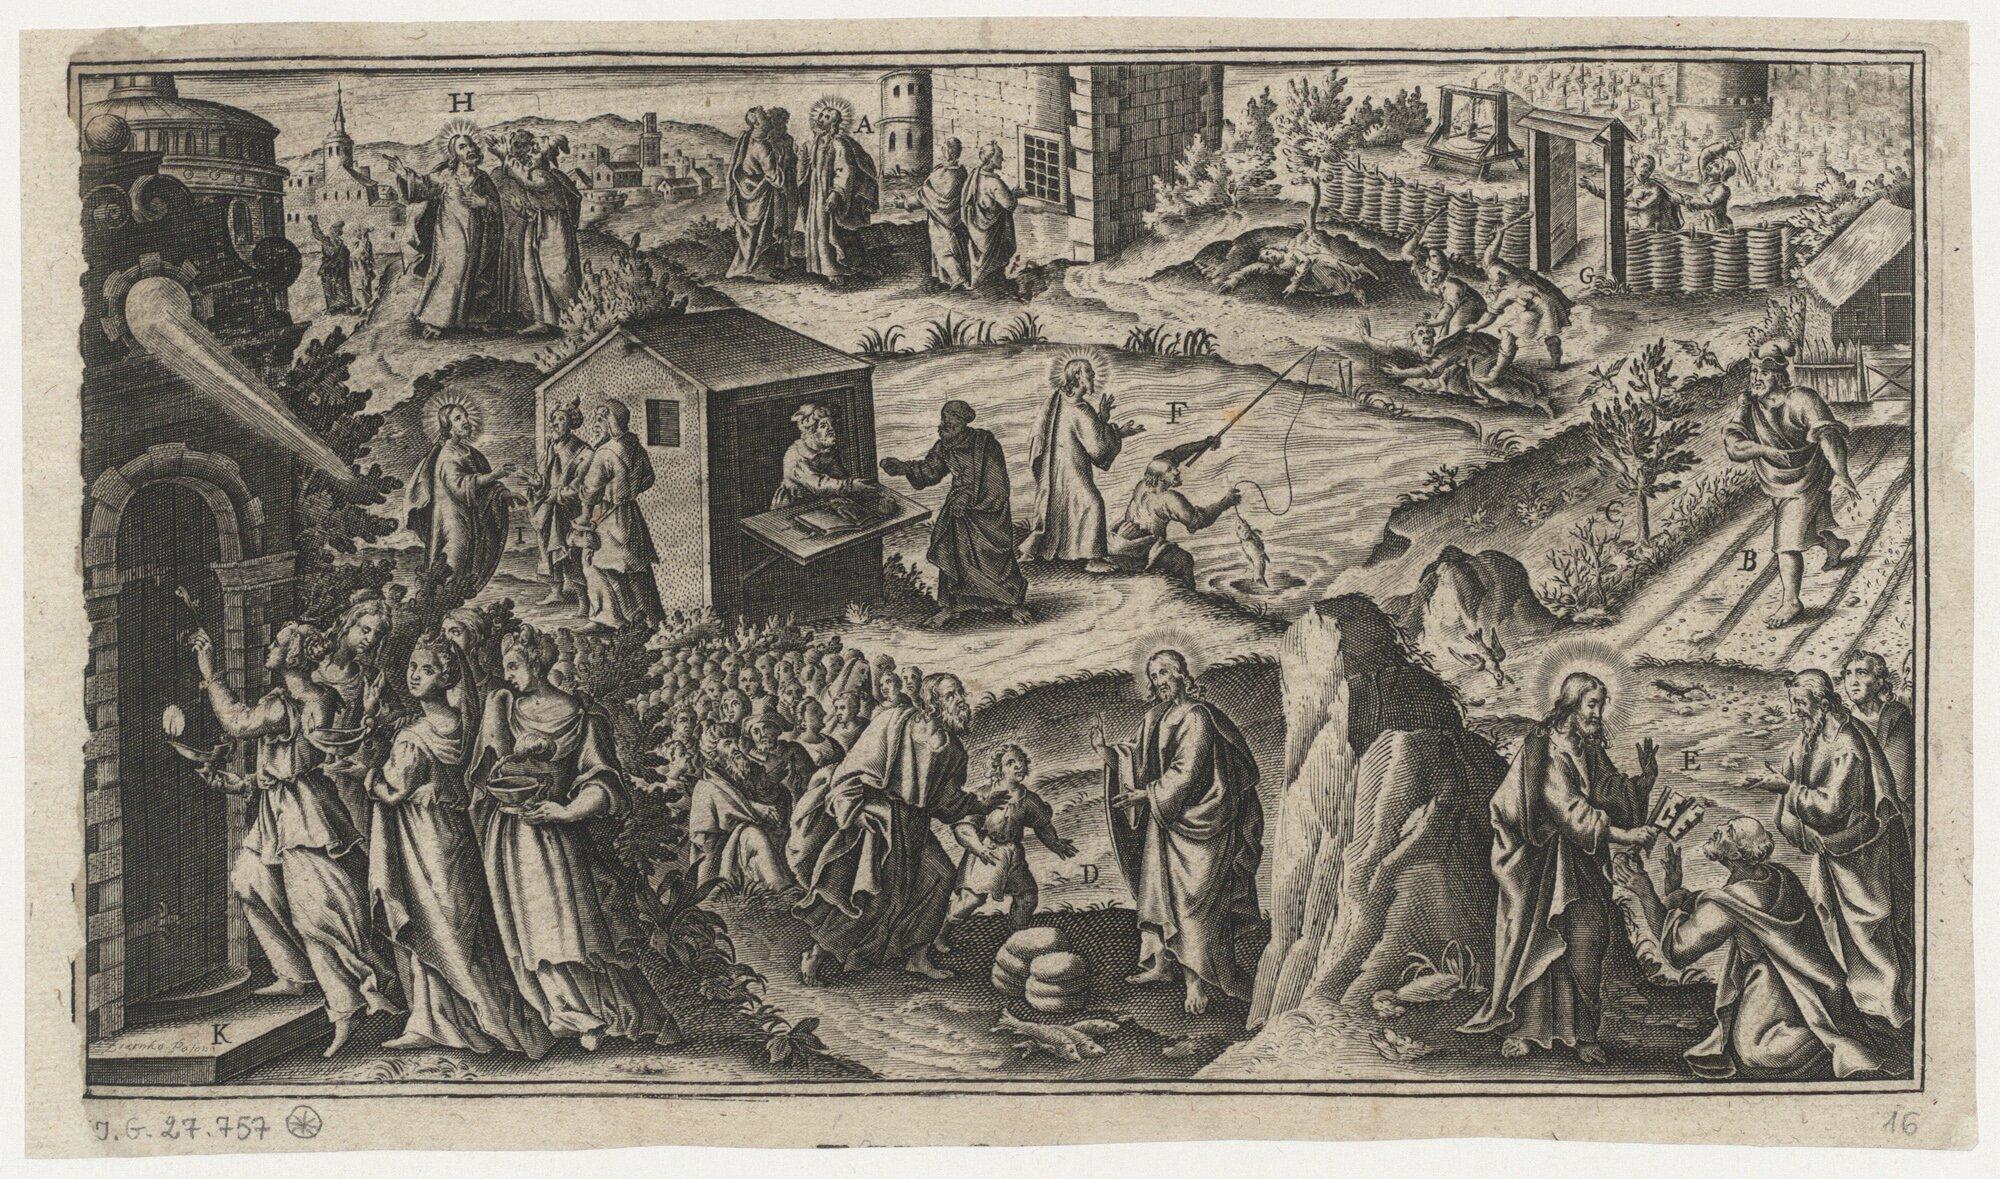 Ewangelia, sceny ilustrujące przypowieści icuda Jezusa Chrystusa Ewangelia, sceny ilustrujące przypowieści icuda Jezusa Chrystusa Źródło: Jan Ziarnko, 1620, miedzioryt, domena publiczna.